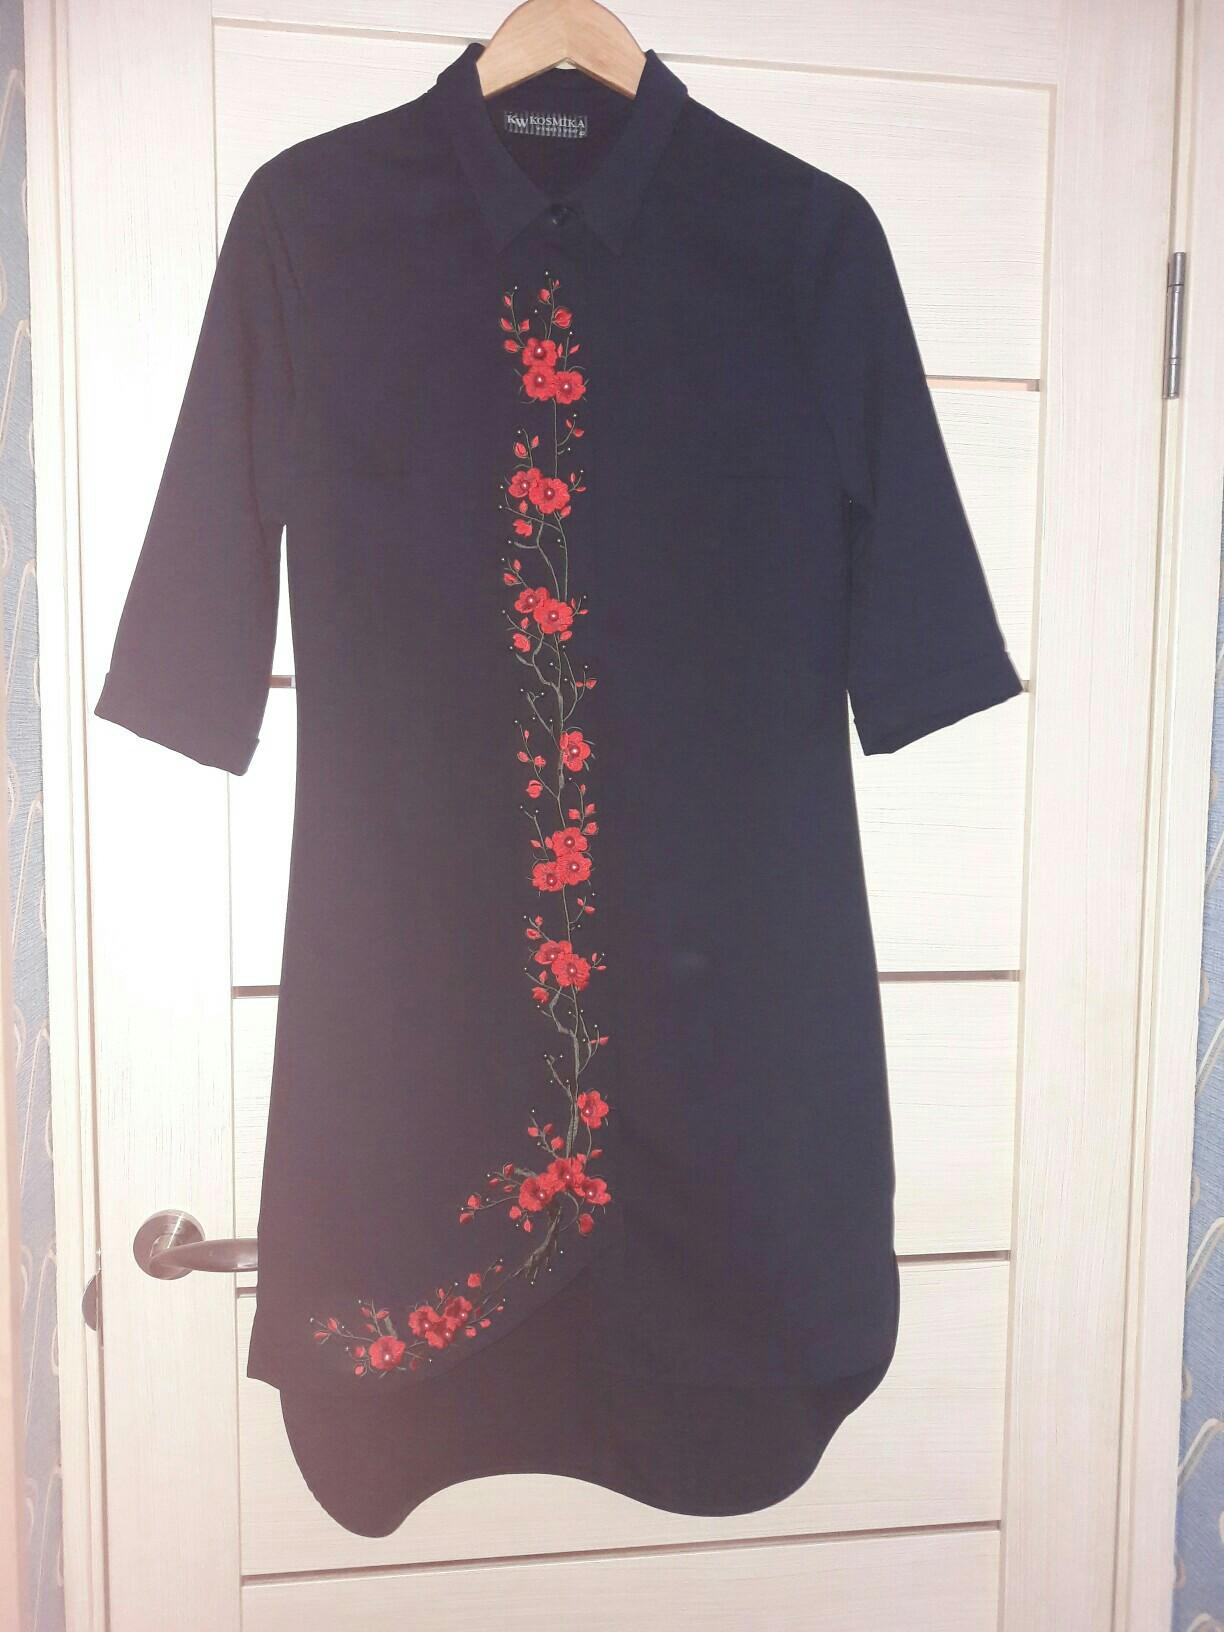 Новое платье рубашка. 89267633864 купить 1